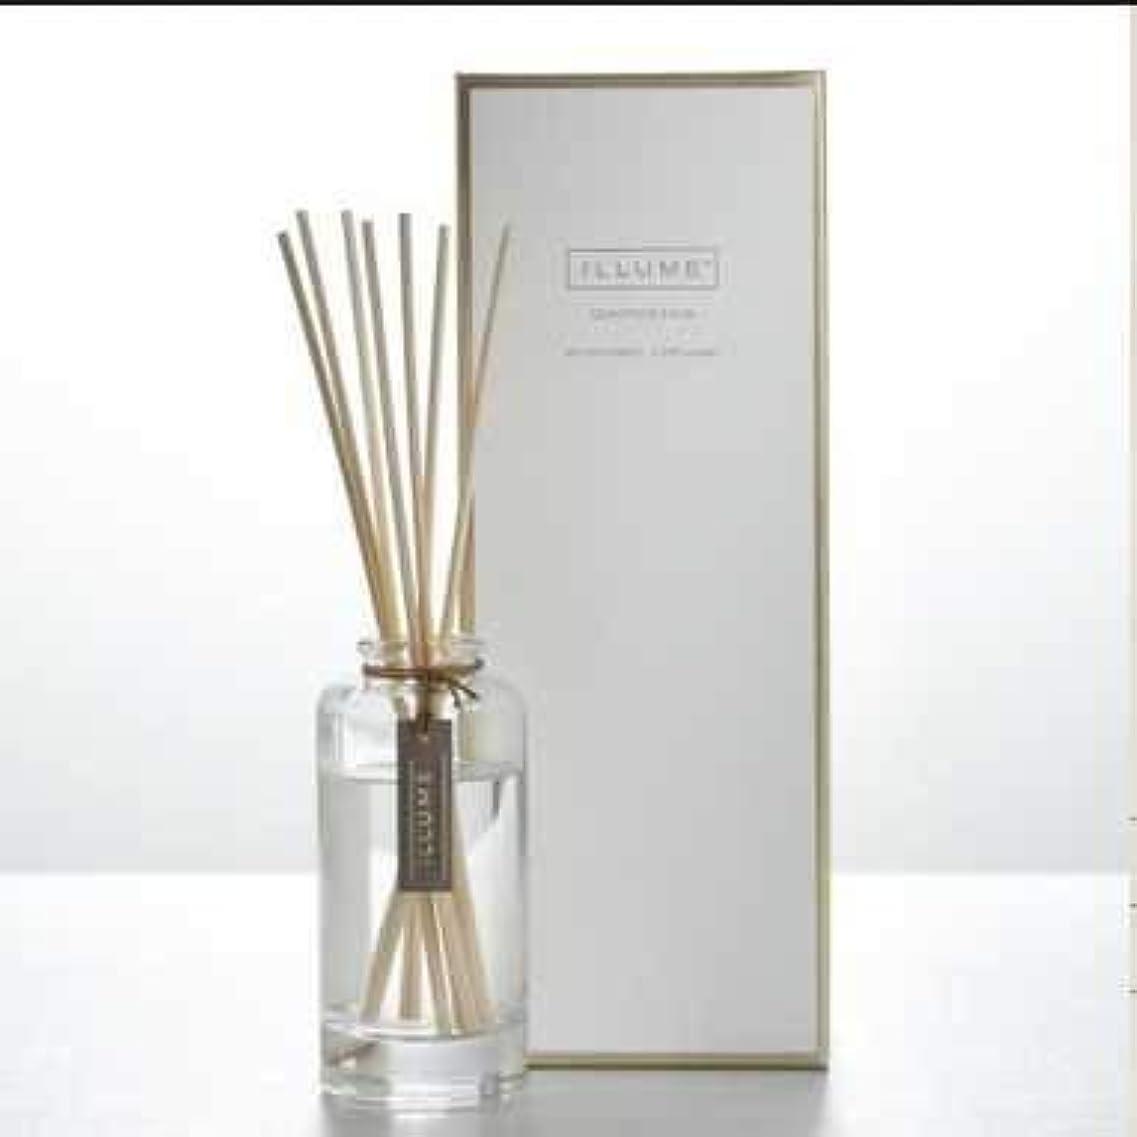 なめらかなペンフレンド尊敬するIllume Gardenia Essential Diffuser - 3 oz [並行輸入品]